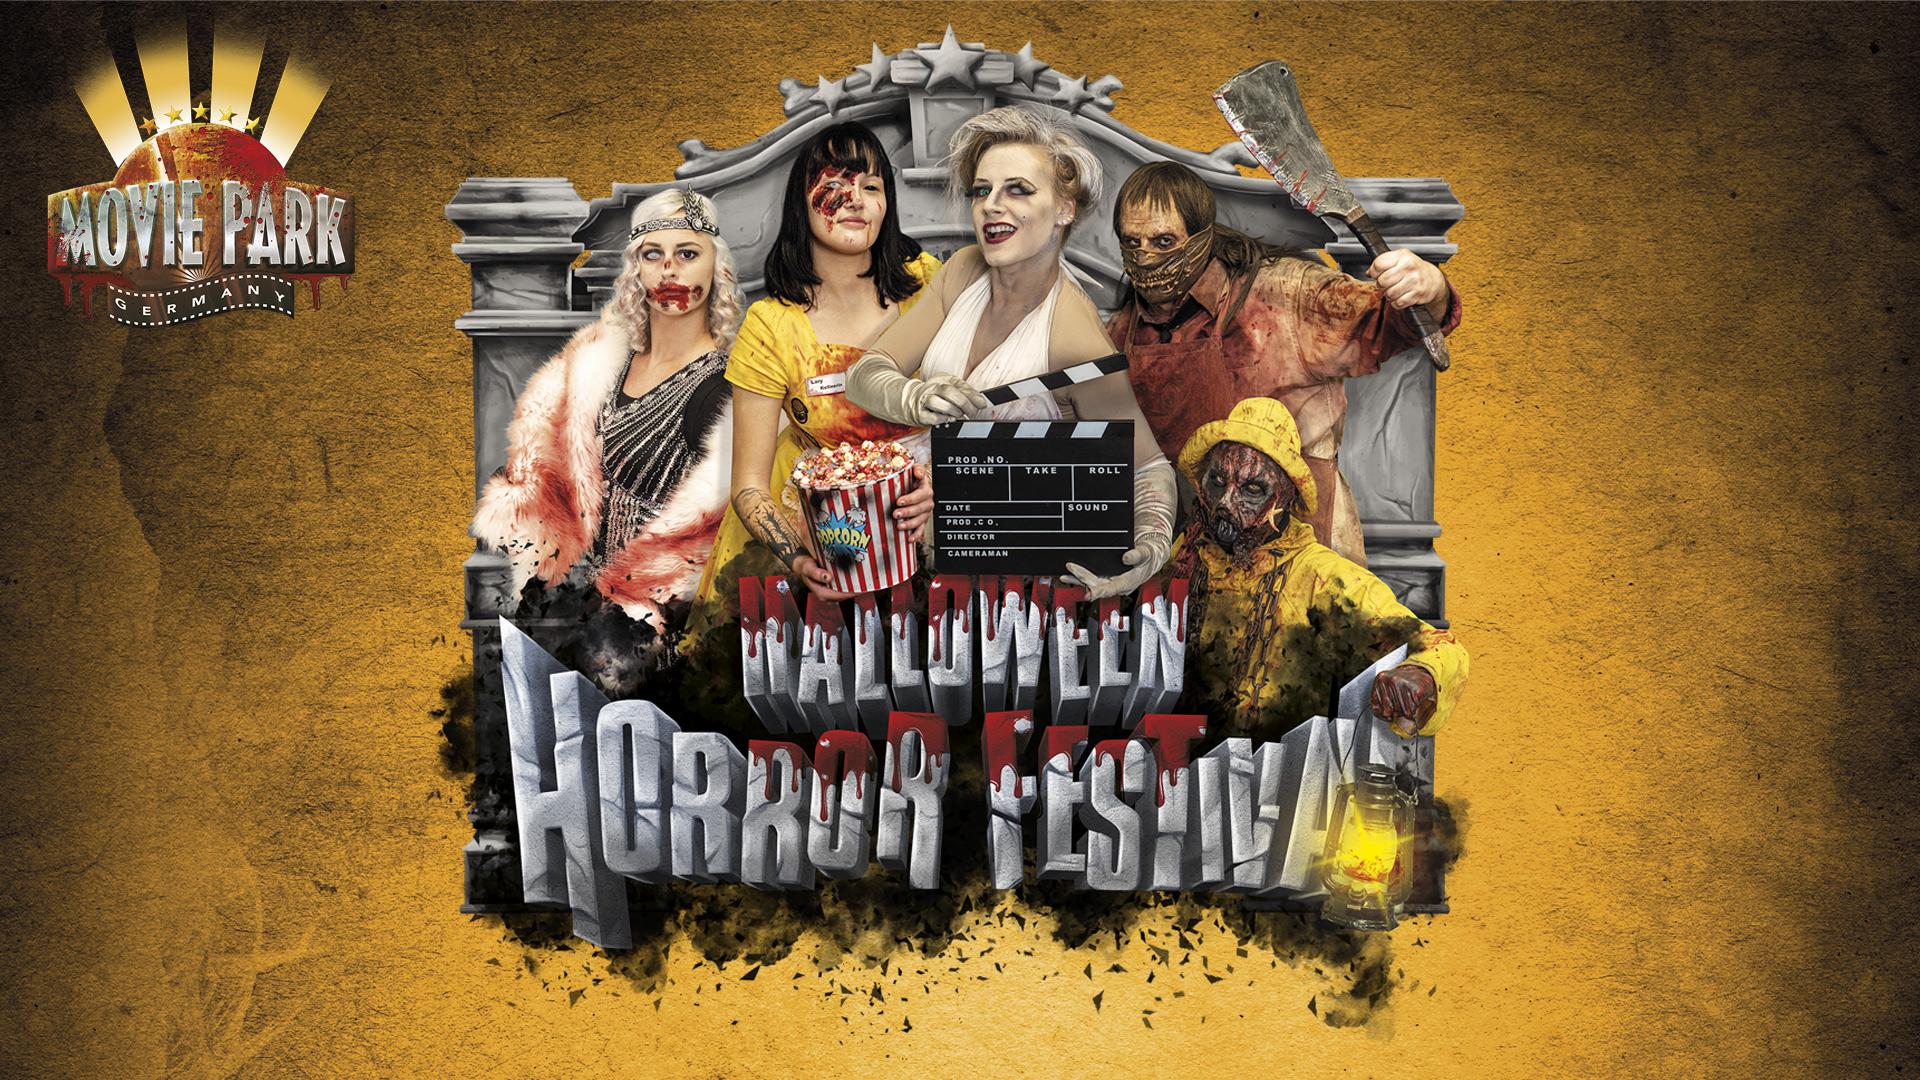 Jetzt beginnt der wahre Horror des Jahres 2020! Das Halloween Horror Festival zieht Besucher ab Oktober wieder 23 Tage lang in seinen dunklen Bann